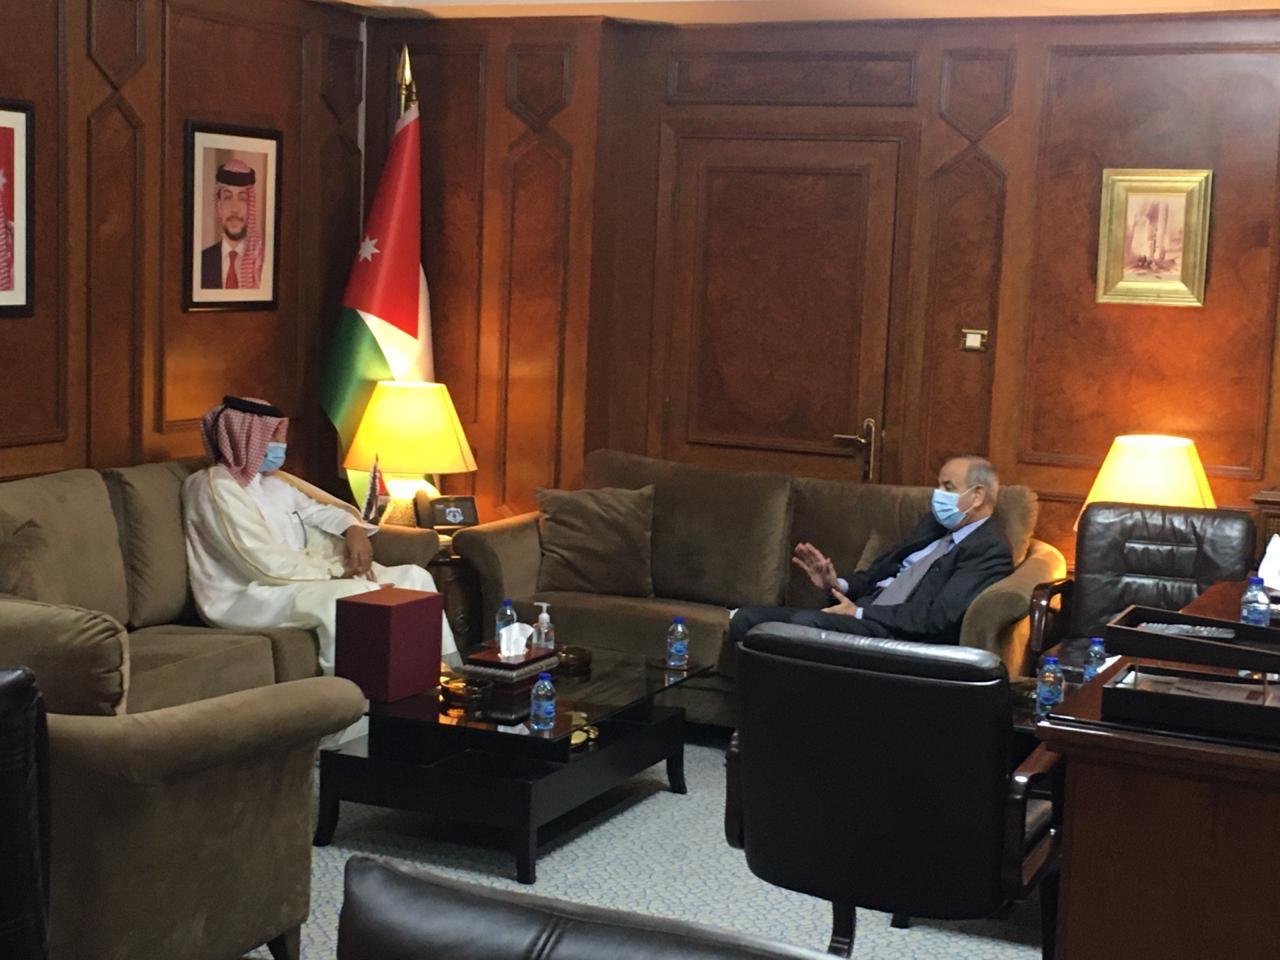 نائب رئيس الوزراء الأردني يجتمع مع سفير دولة قطر